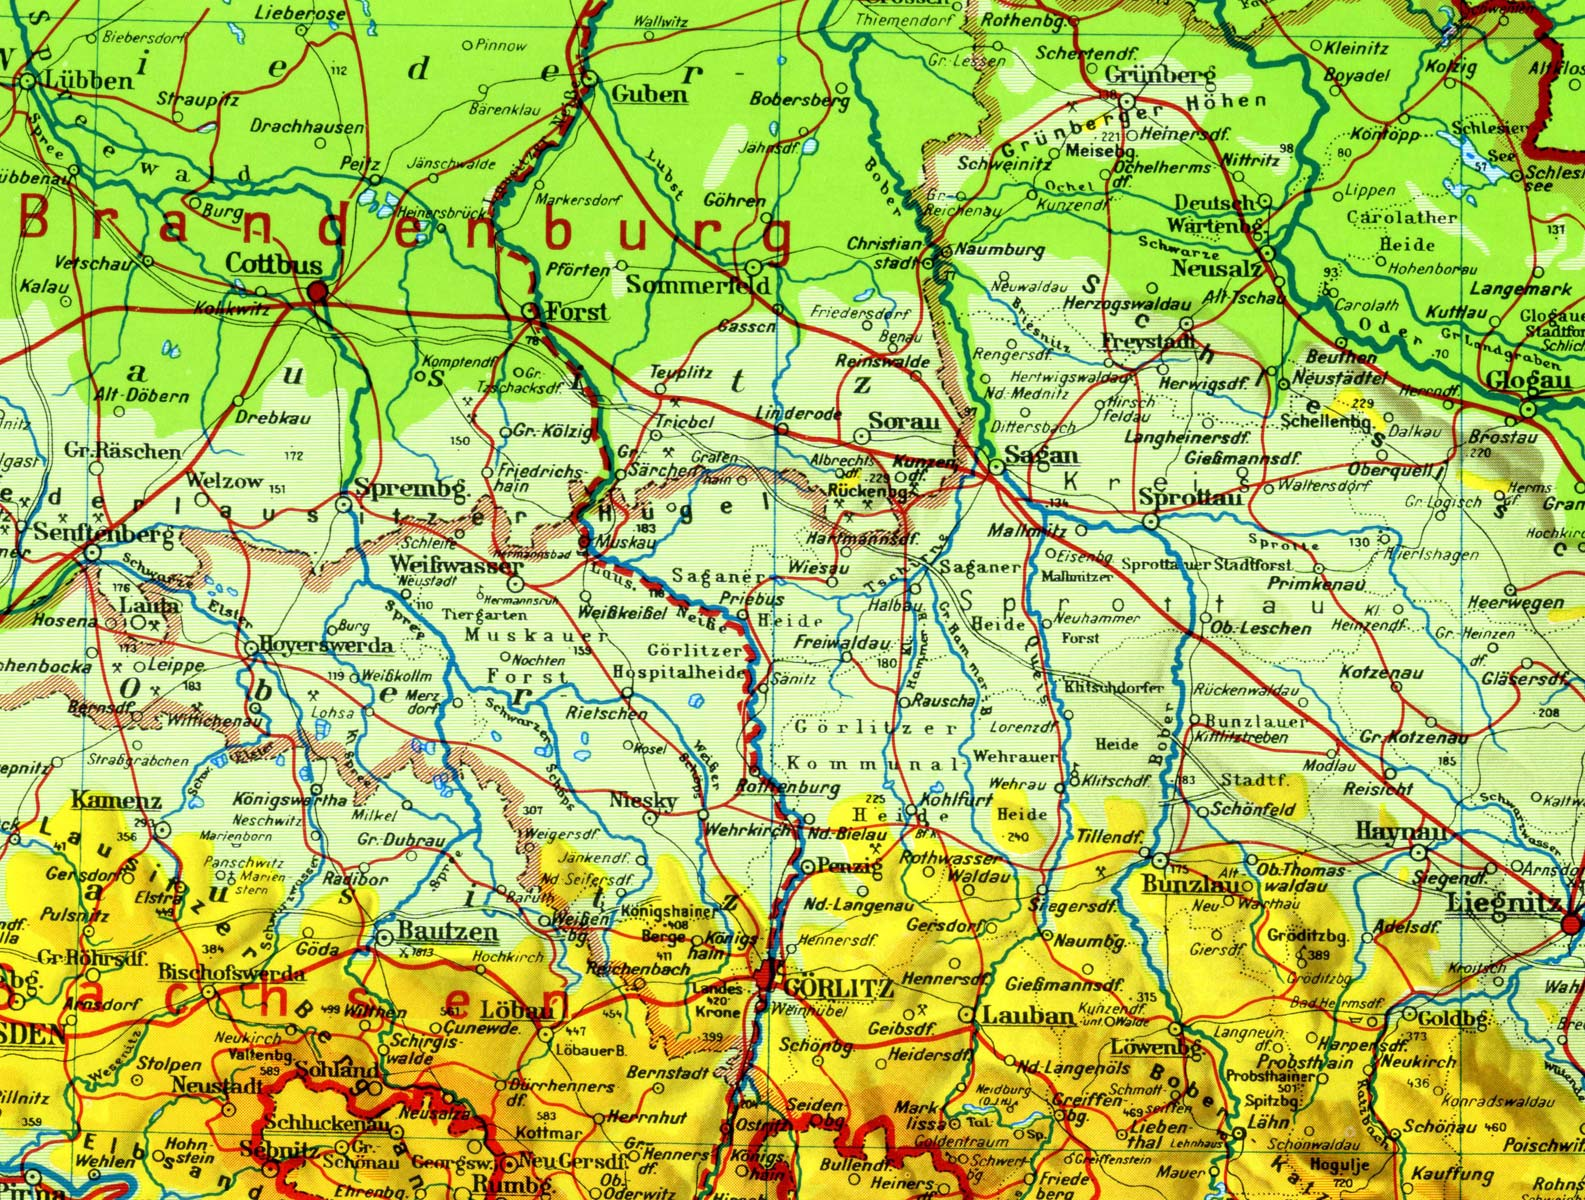 Schlesien Karte Heute.Schlesien Willich Nach 1945 Flucht Und Vertreibung